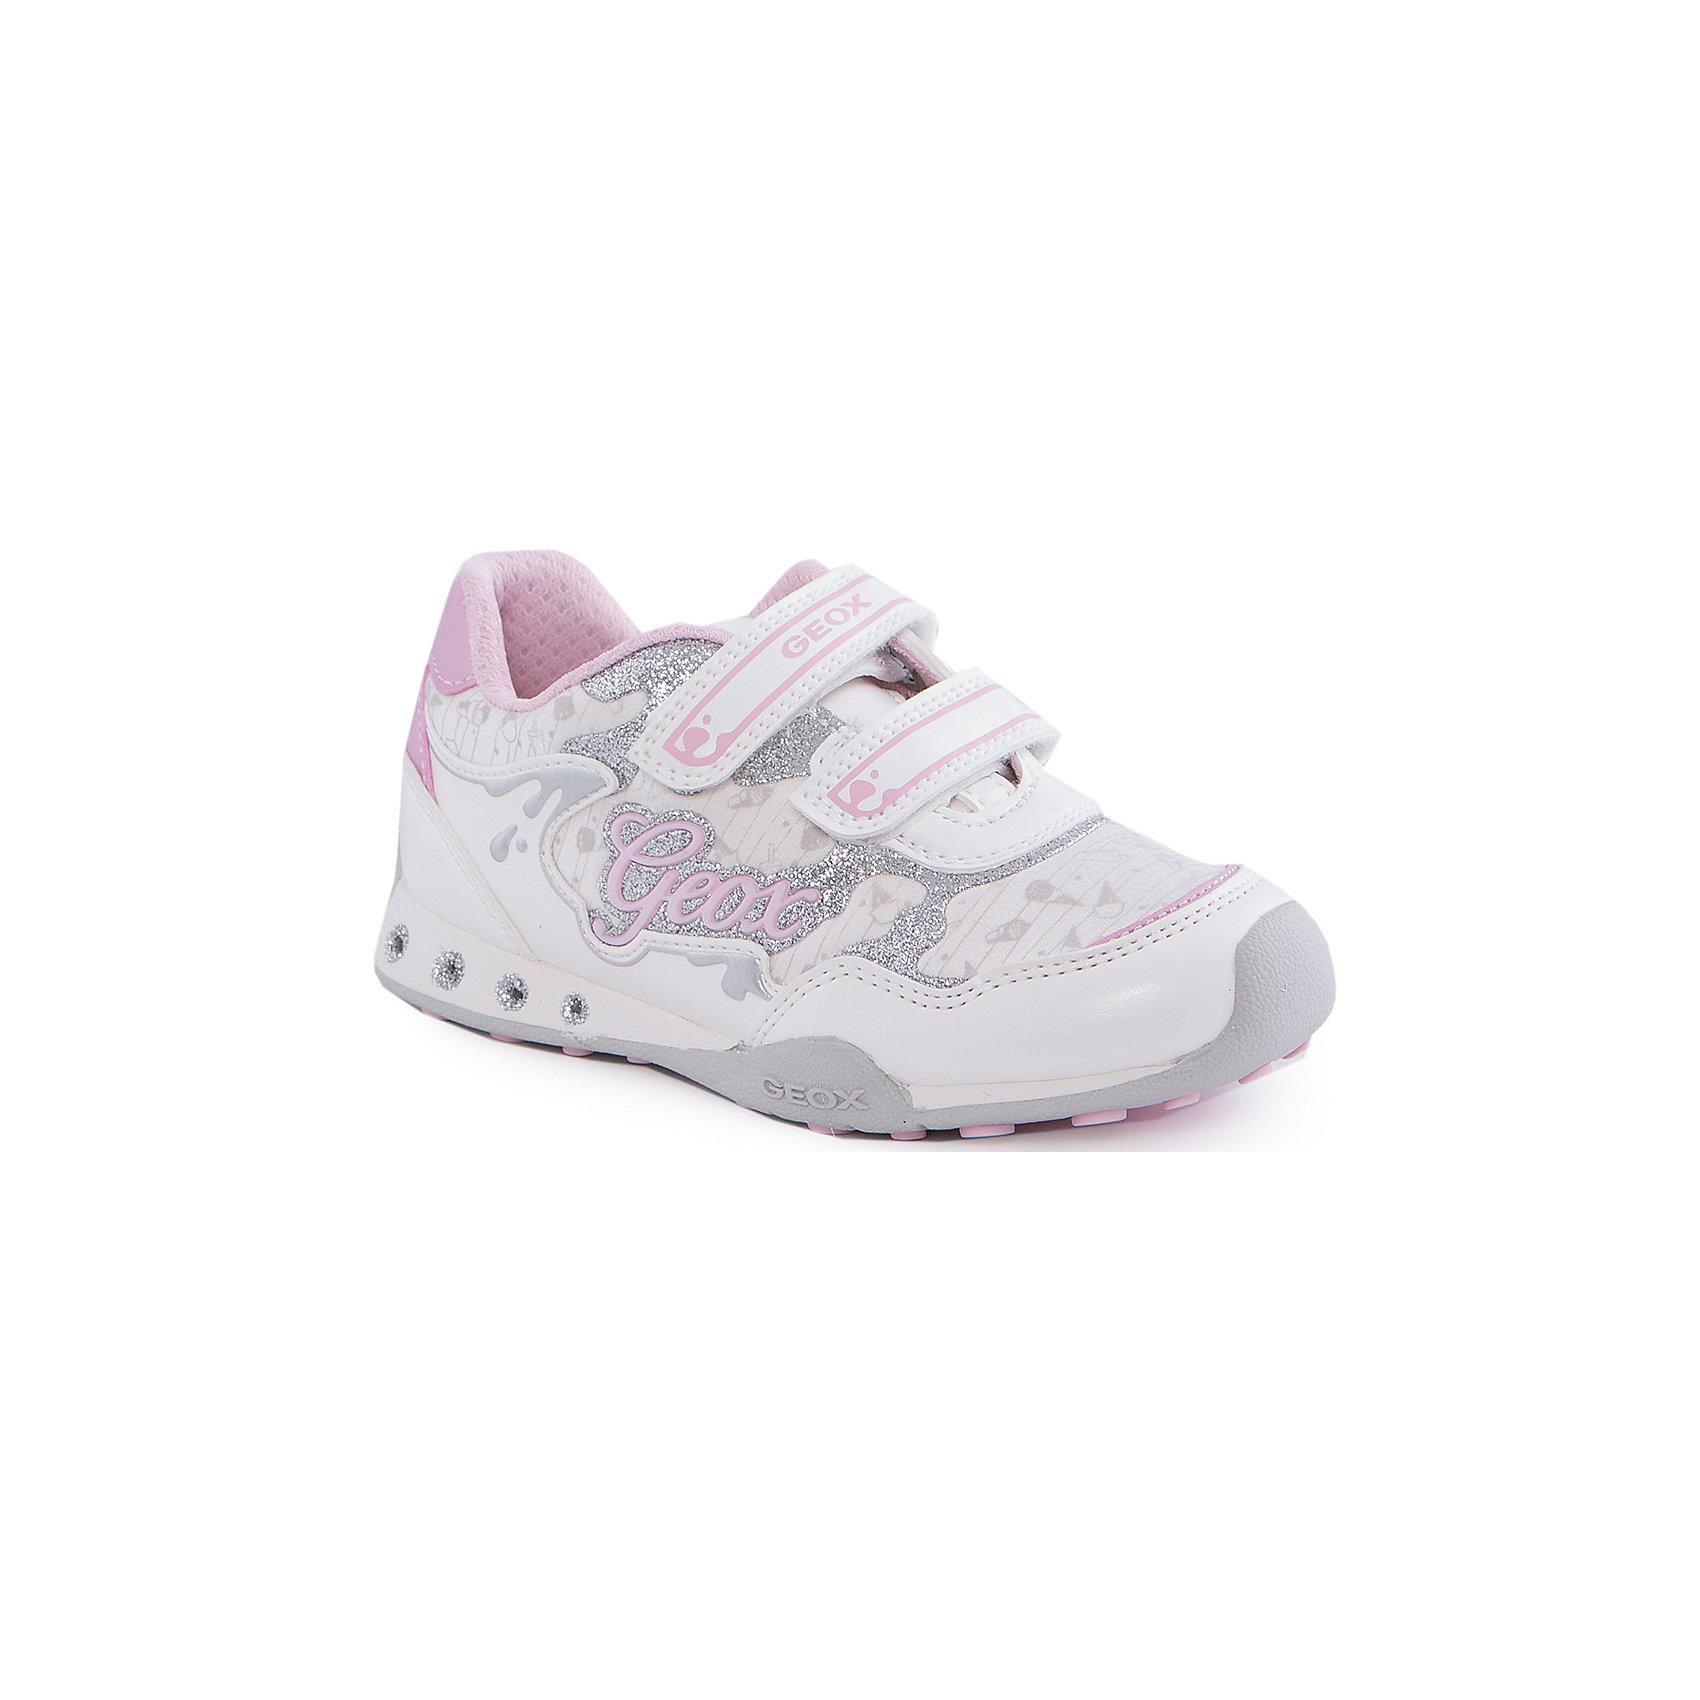 Кроссовки со светодиодами для девочки GEOXКроссовки для девочки от популярной марки GEOX (Геокс).<br><br>Модные легкие кроссовки - отличная обувь для нового весеннего сезона. Модель очень стильно и оригинально смотрится.<br>Производитель обуви заботится не только о внешнем виде, но и стабильно высоком качестве продукции. GEOX (Геокс) разработал специальную дышащую подошву, которая не пропускает влагу внутрь, а также высокотехнологичную стельку.<br><br>Отличительные особенности модели:<br><br>- цвет: белый;<br>- декорированы серебристыми и розовыми элементами;<br>- гибкая водоотталкивающая подошва с дышащей мембраной;<br>- мягкий и легкий верх;<br>- защита пальцев;<br>- стильный дизайн;<br>- удобные застежки-липучки;<br>- комфортное облегание;<br>- верх обуви и подкладка сделаны без использования хрома.<br><br>Дополнительная информация:<br><br>- Температурный режим: от +10° С до 25° С.<br><br>- Состав:<br><br>материал верха: текстиль, синтетический материал<br>материал подкладки: текстиль<br>подошва: резина<br><br>Кроссовки для девочки GEOX (Геокс) (Геокс) можно купить в нашем магазине.<br><br>Ширина мм: 250<br>Глубина мм: 150<br>Высота мм: 150<br>Вес г: 250<br>Цвет: белый<br>Возраст от месяцев: 132<br>Возраст до месяцев: 144<br>Пол: Женский<br>Возраст: Детский<br>Размер: 35,27,28,30,31,32,33,34,29<br>SKU: 4519794